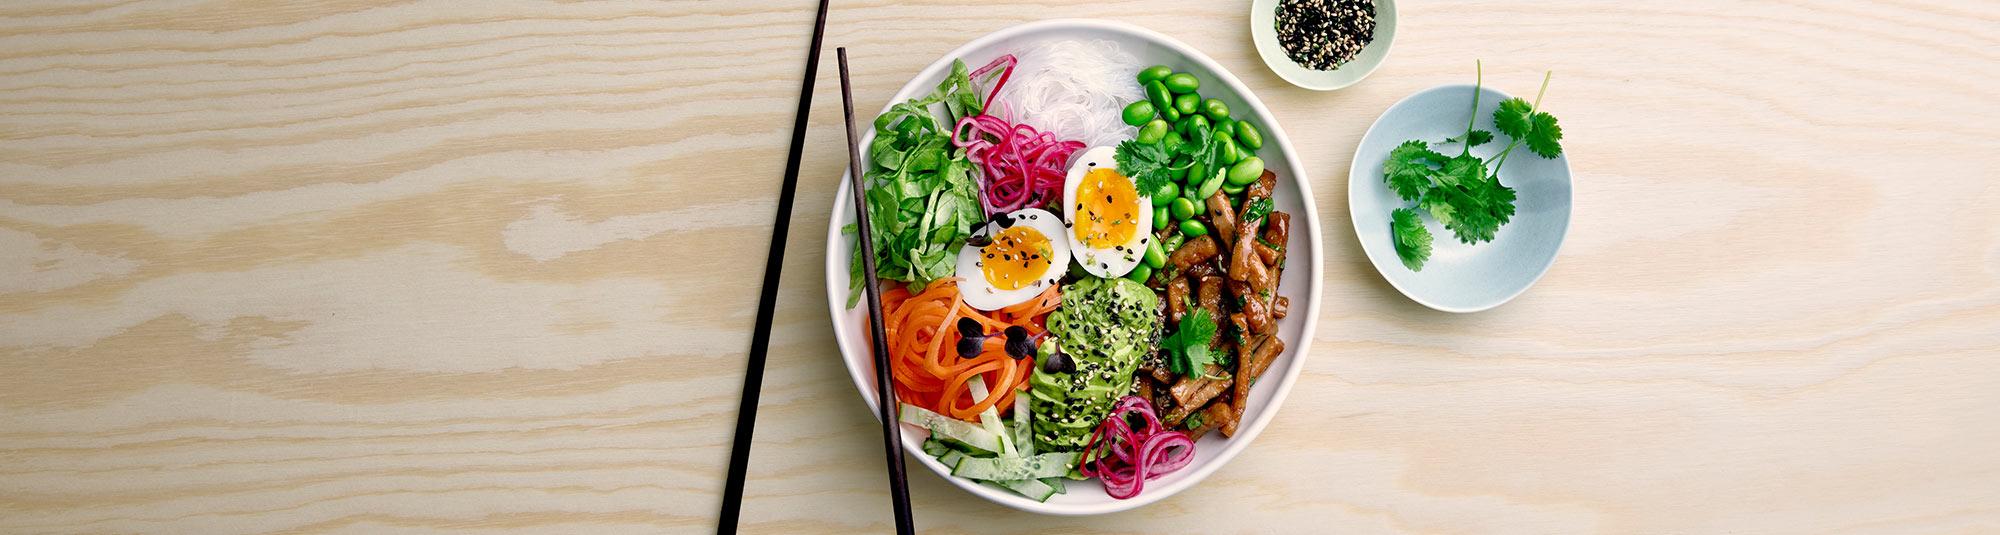 Pease bowl med asiatiska smaker gjord på Findus veganska ärtprotein Pease, glasnudlar och ägg.